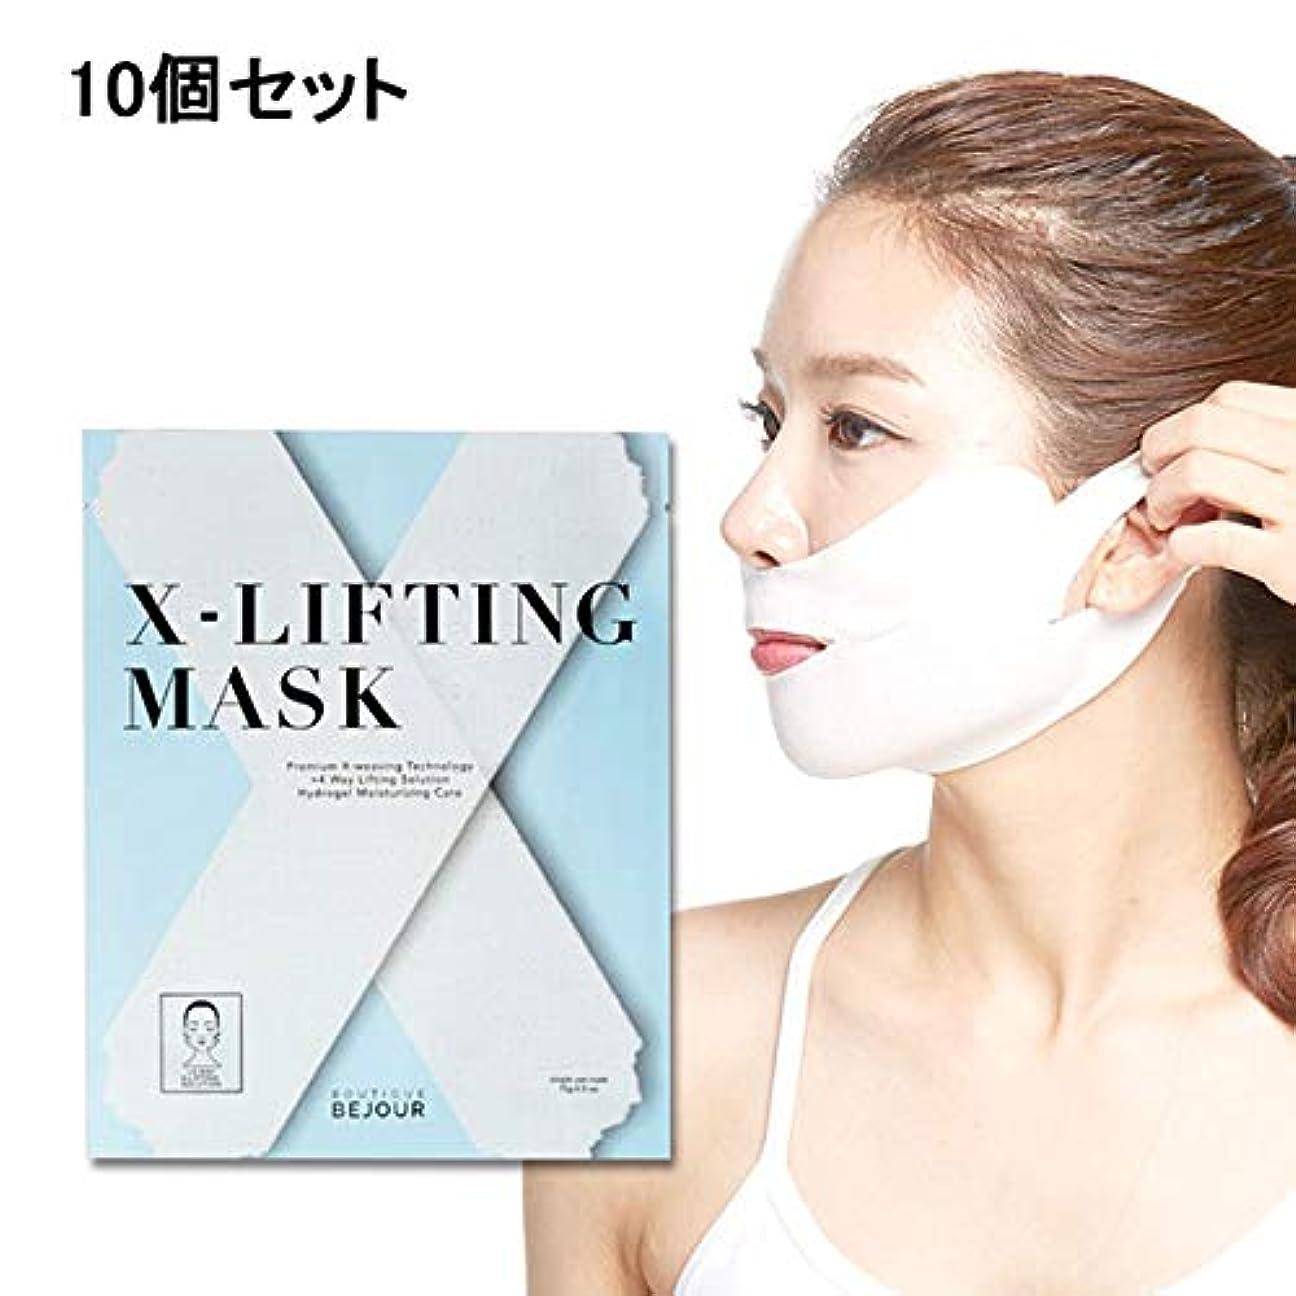 パイプラインペンダント保持< ビジュール > X-Lifting (エックスリフティング) マスク (10個セット) [ リフトアップ フェイスマスク フェイスシート フェイスパック フェイシャルマスク シートマスク フェイシャルシート フェイシャルパック ローションマスク ローションパック 顔パック ]